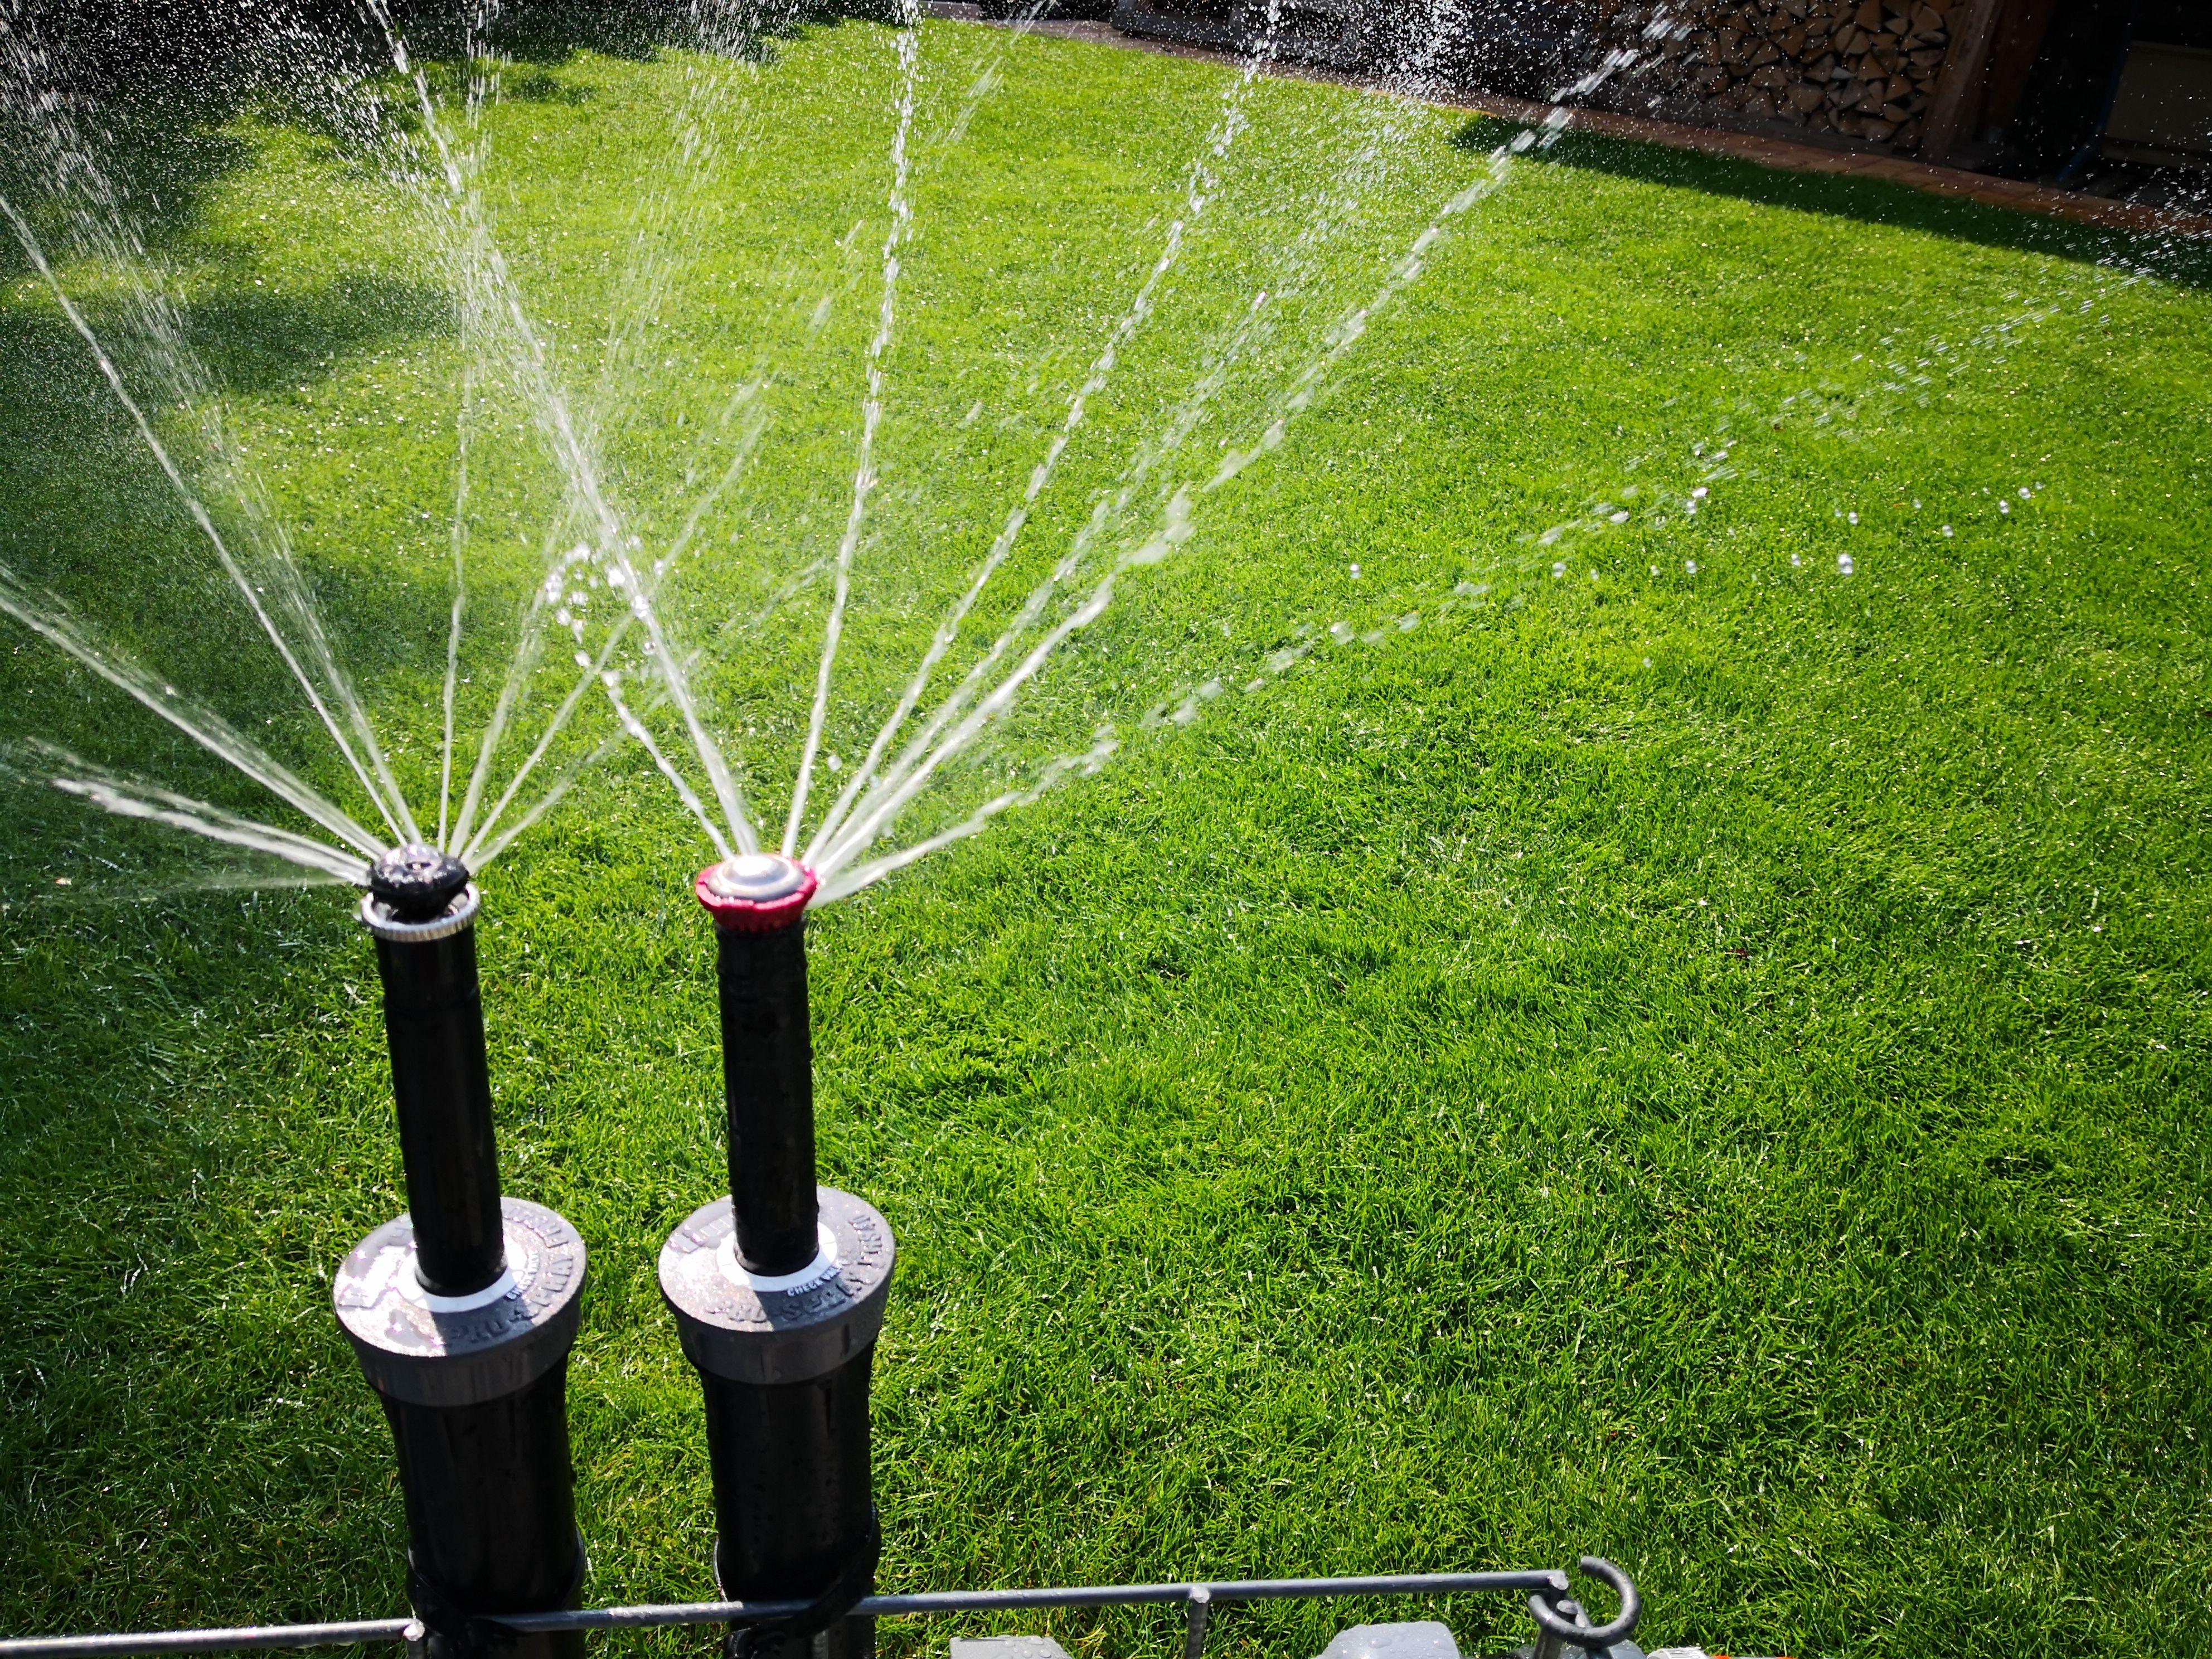 Rasenbewasserung Vergleich Hunter Mp Rotator Vs Rainbird R Van Garten Bewasserungssystem Bewasserung Hunter Bewasserung